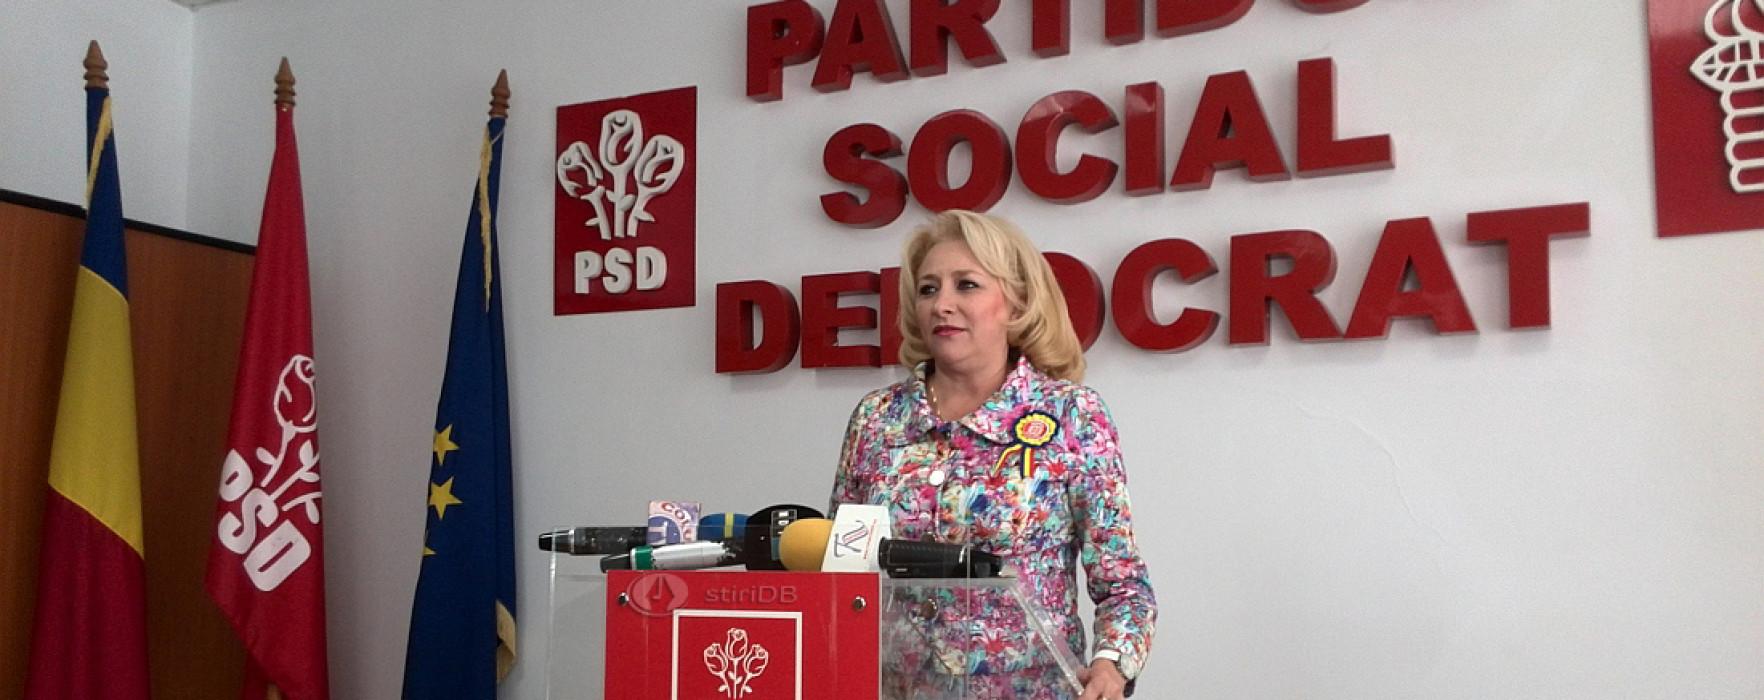 Dăncilă: Alegeri în filiale după prezidenţiale (audio); PSD Dâmboviţa anunţase alegeri pe 6 septembrie